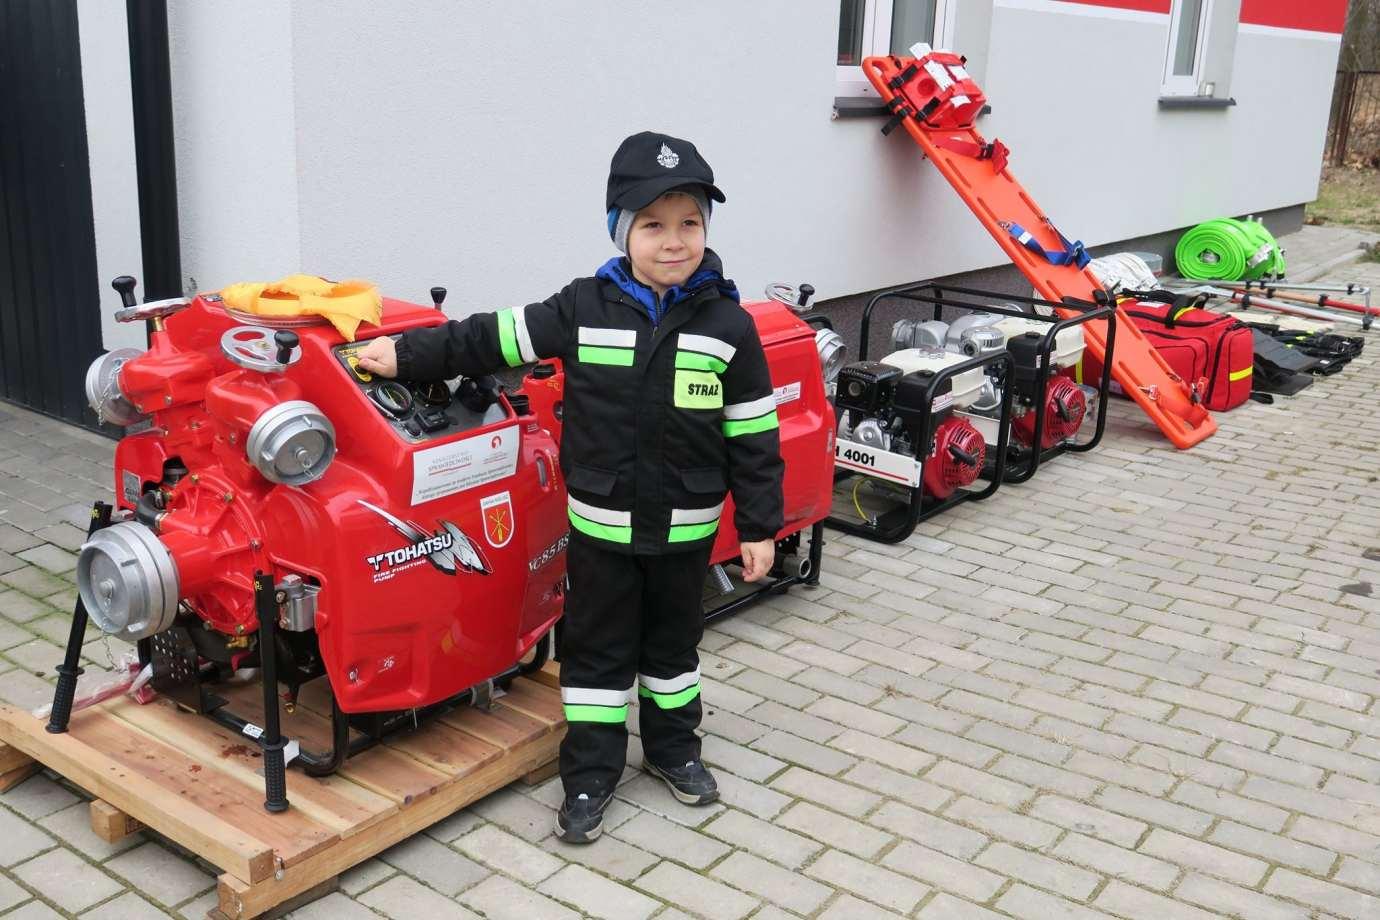 83558784 1470831519751385 4825064662322118656 o Nowy sprzęt dla strażaków z Gminy Nielisz